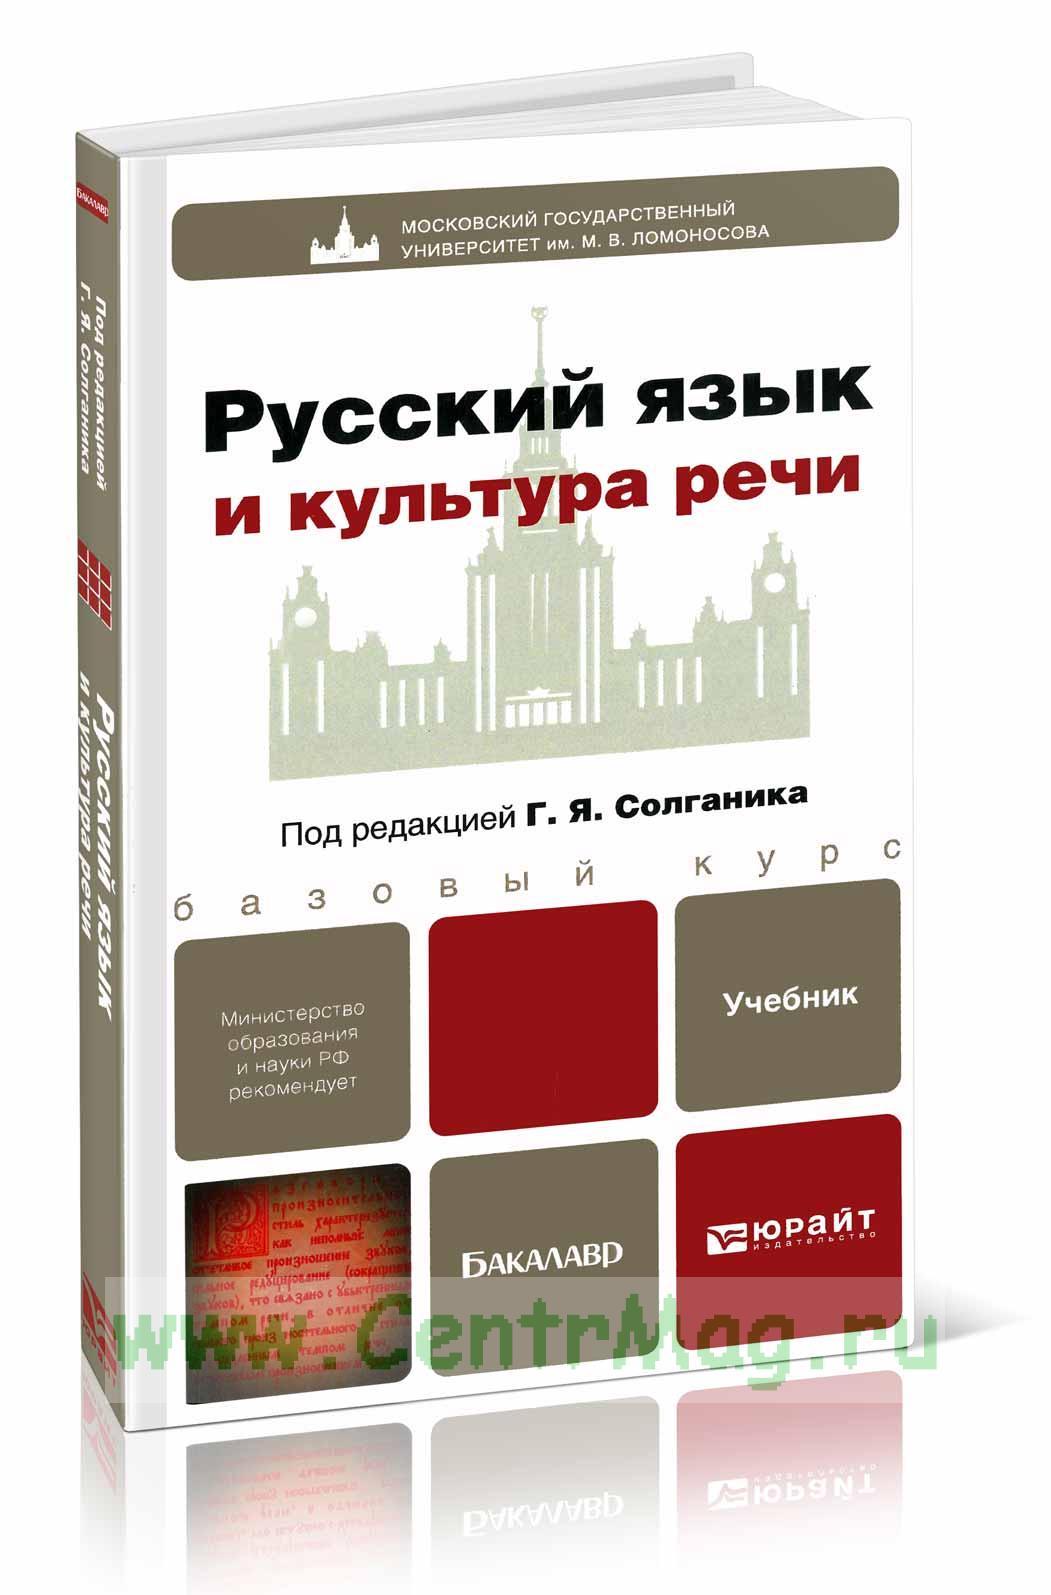 Русский язык и культура речи: учебник для бакалавров